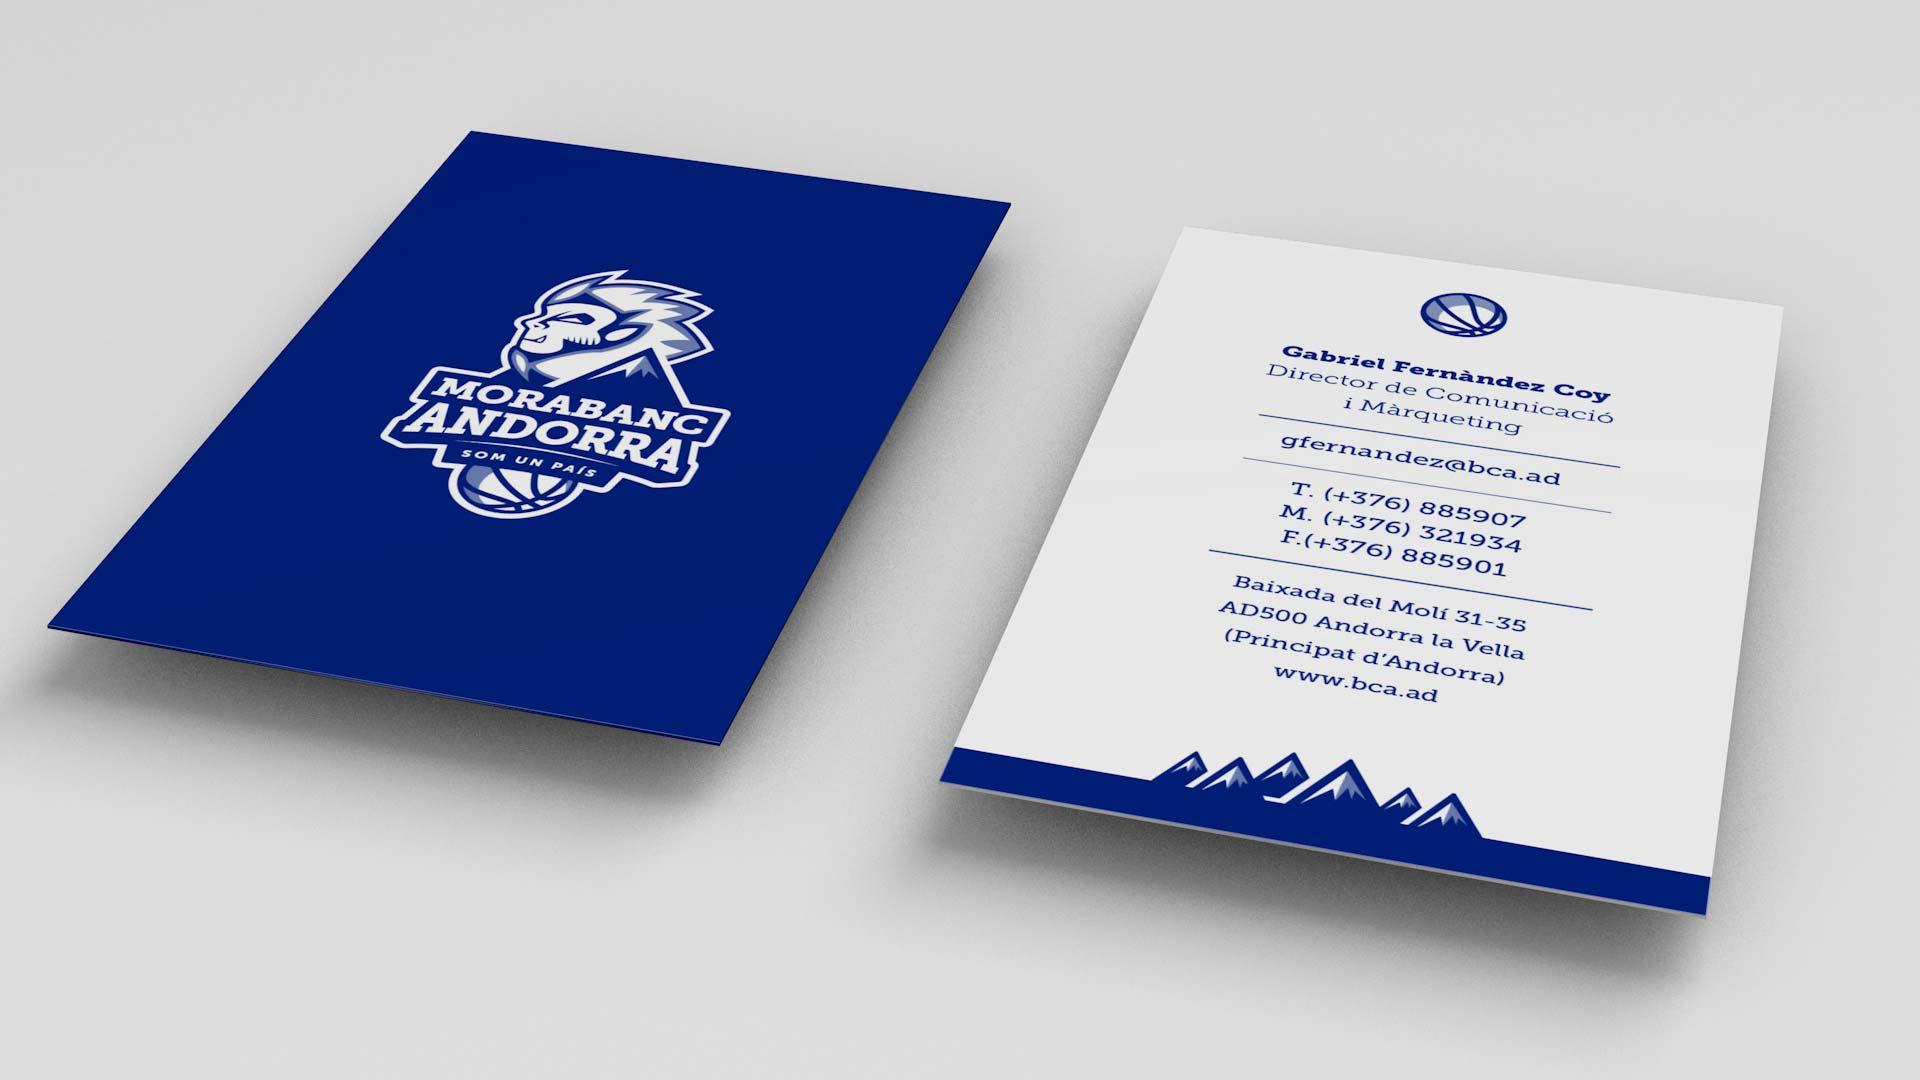 Rediseño Marca e Identidad Corporativa Morabanc Andorra - Tarjetas